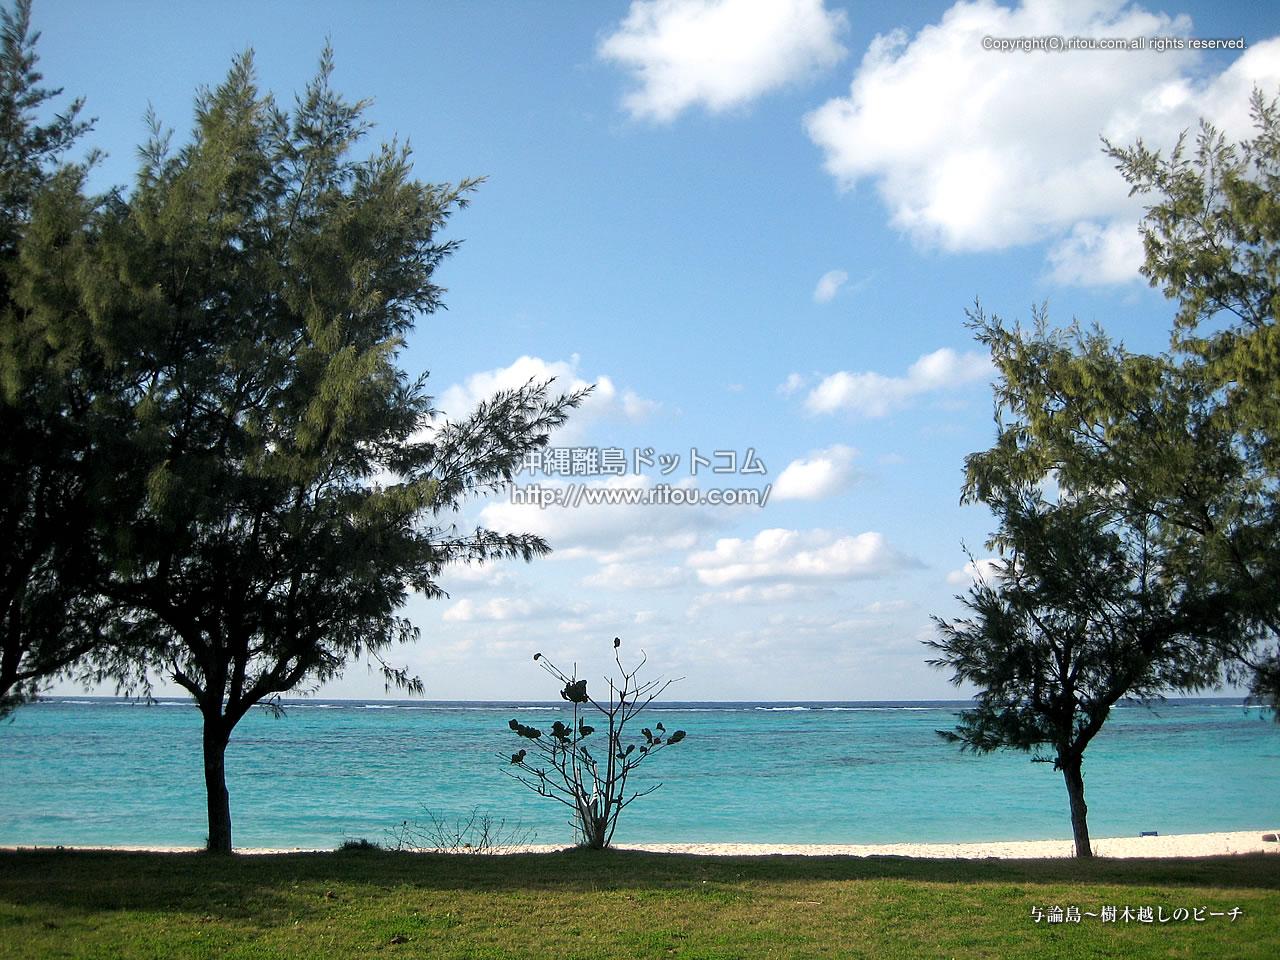 与論島〜樹木越しのビーチ